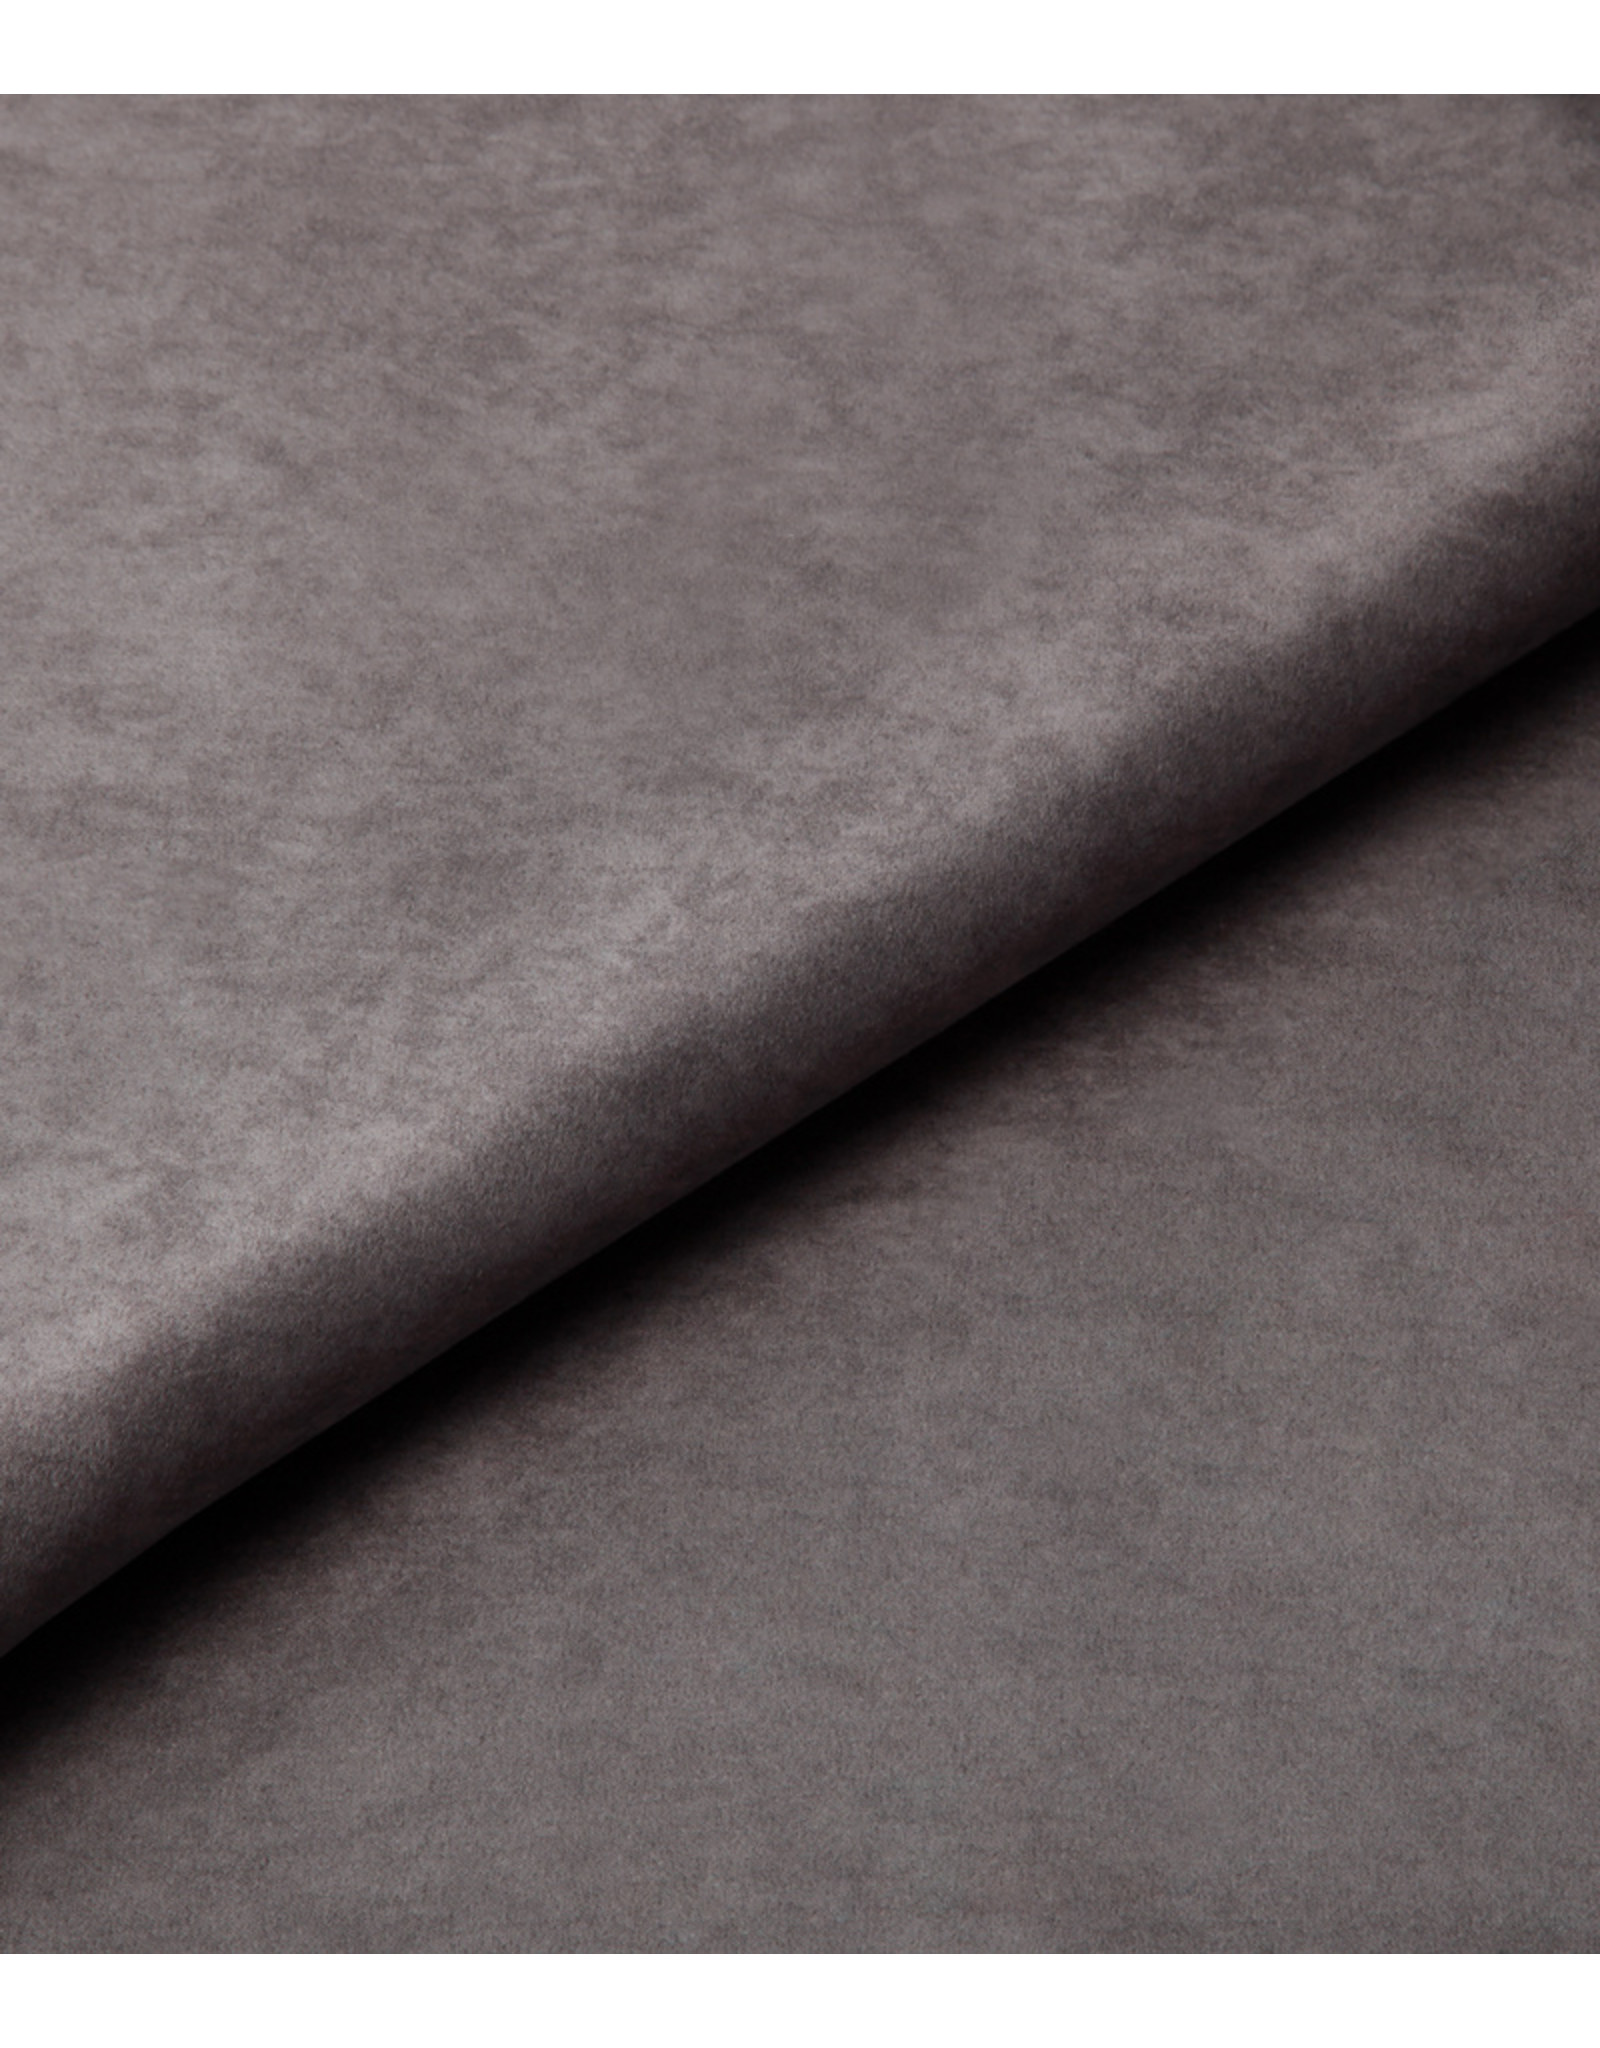 INVITALIS Vitalymed Soft - Grau